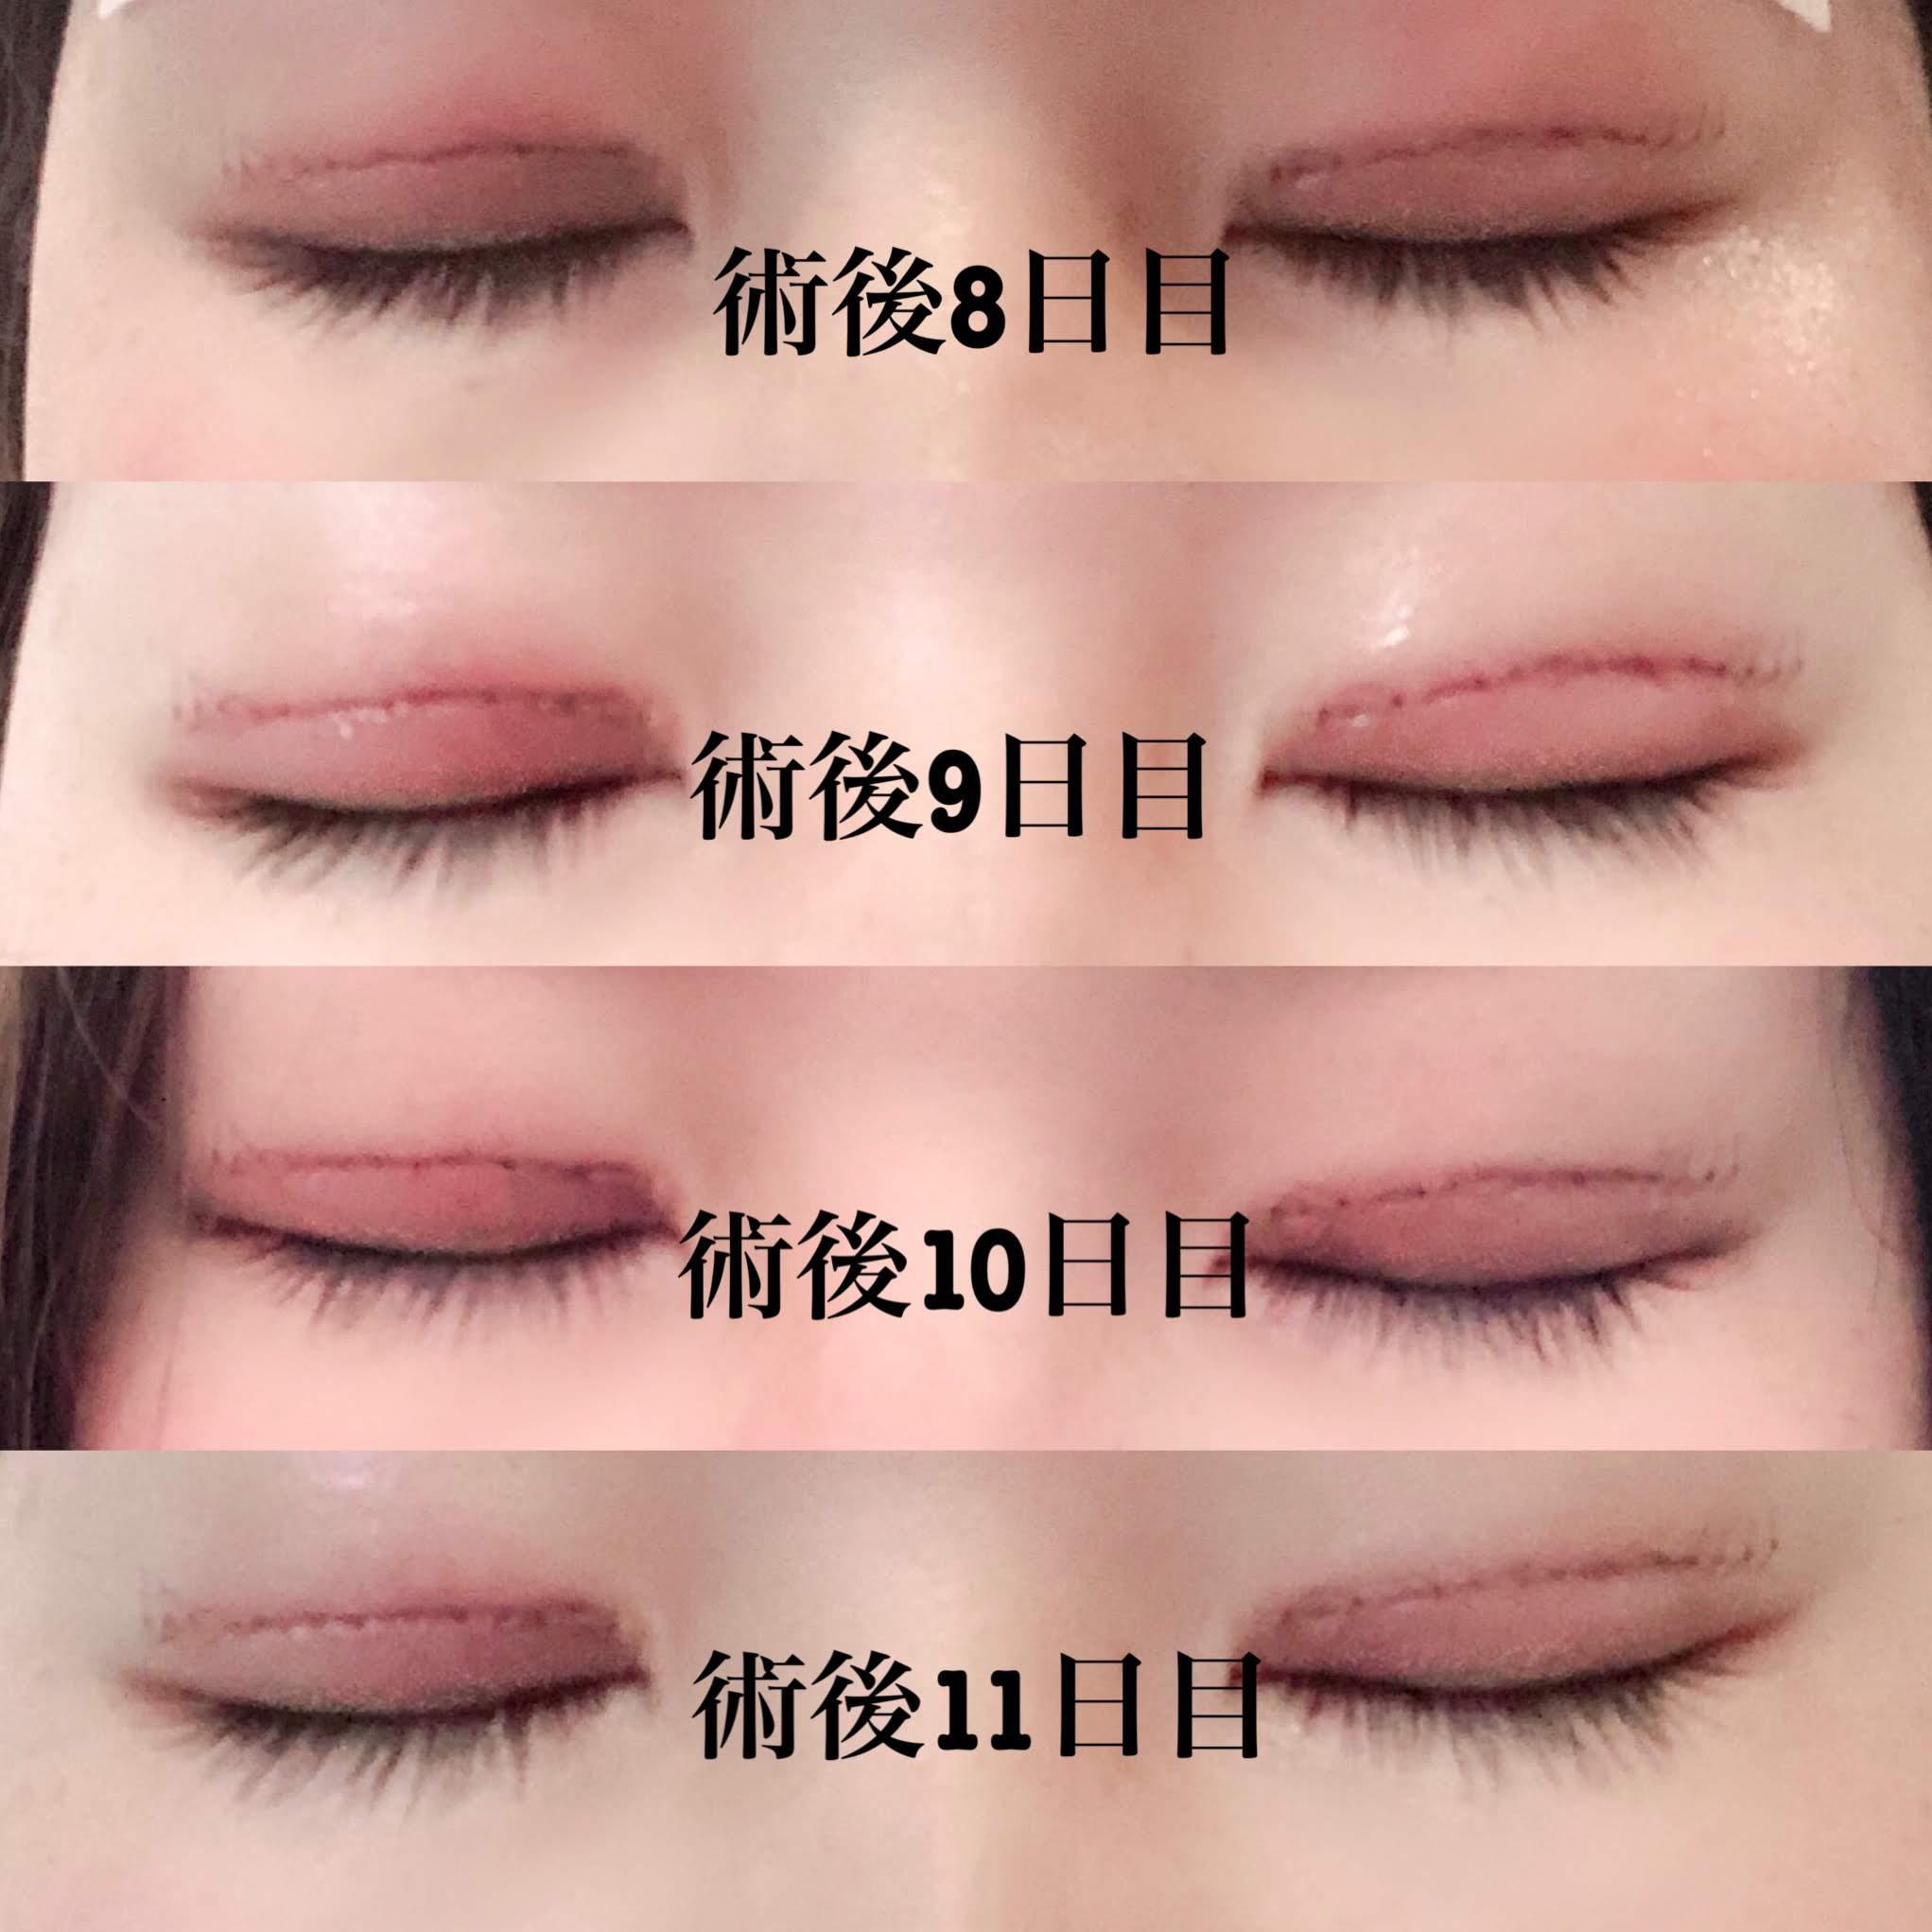 眼瞼下垂 手術 経過3